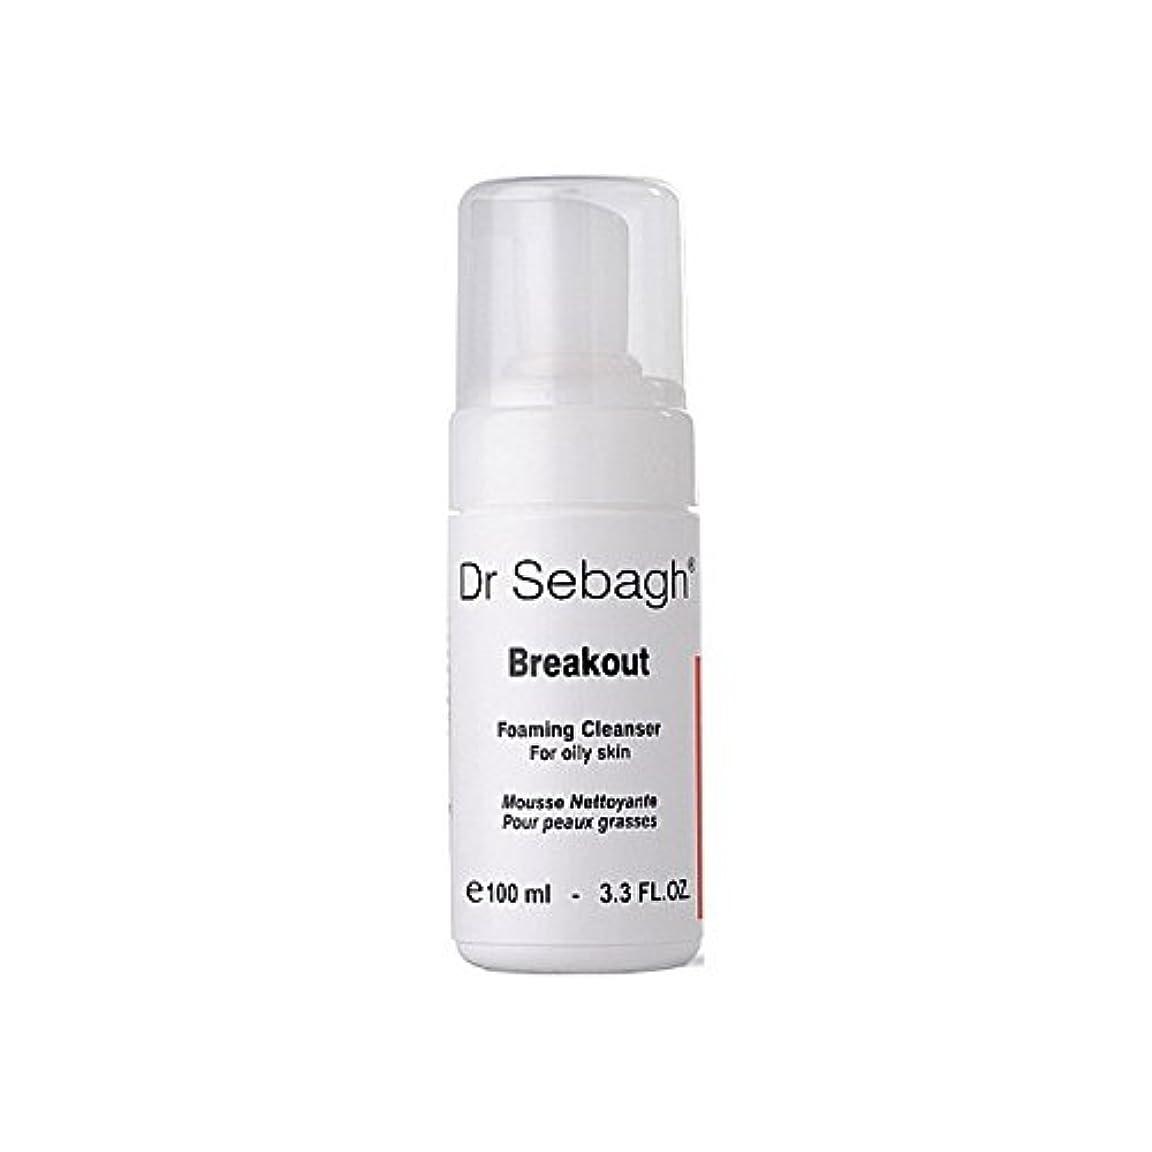 手紙を書く降下とんでもないDr Sebagh Breakout Foaming Cleanser (Pack of 6) - クレンザーを発泡の のブレイクアウト x6 [並行輸入品]